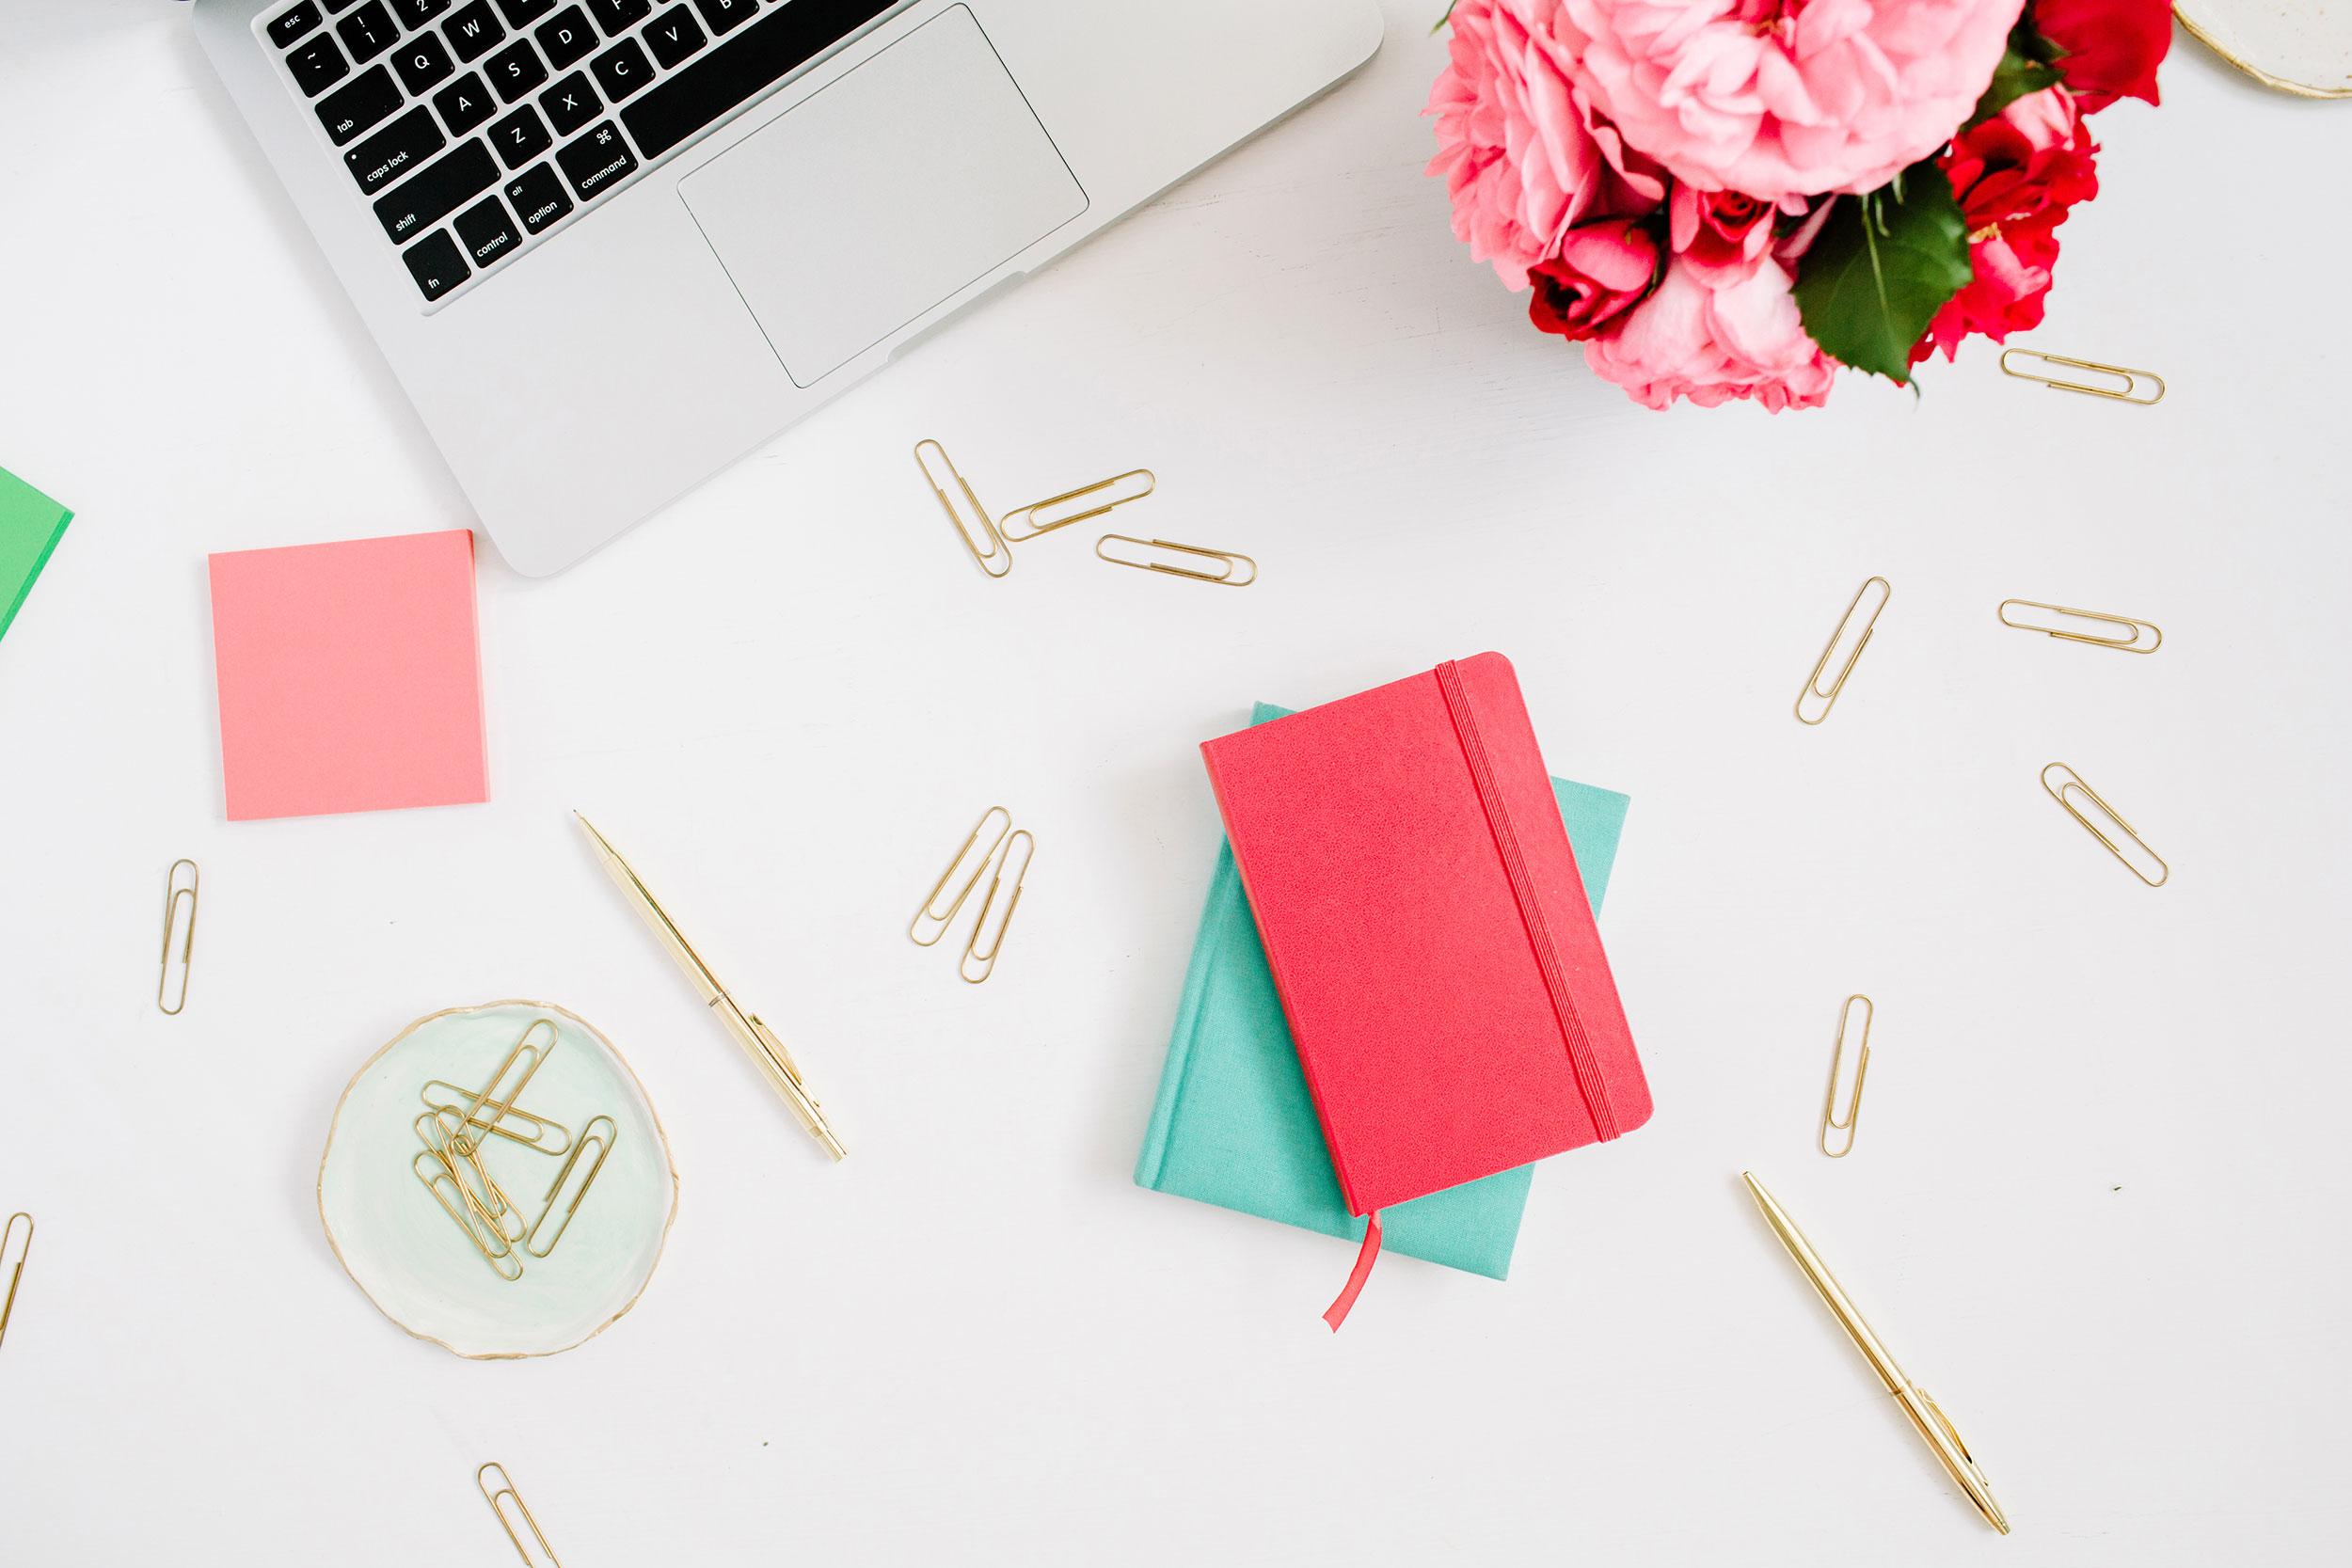 12 consigli per costruire un sito web efficace